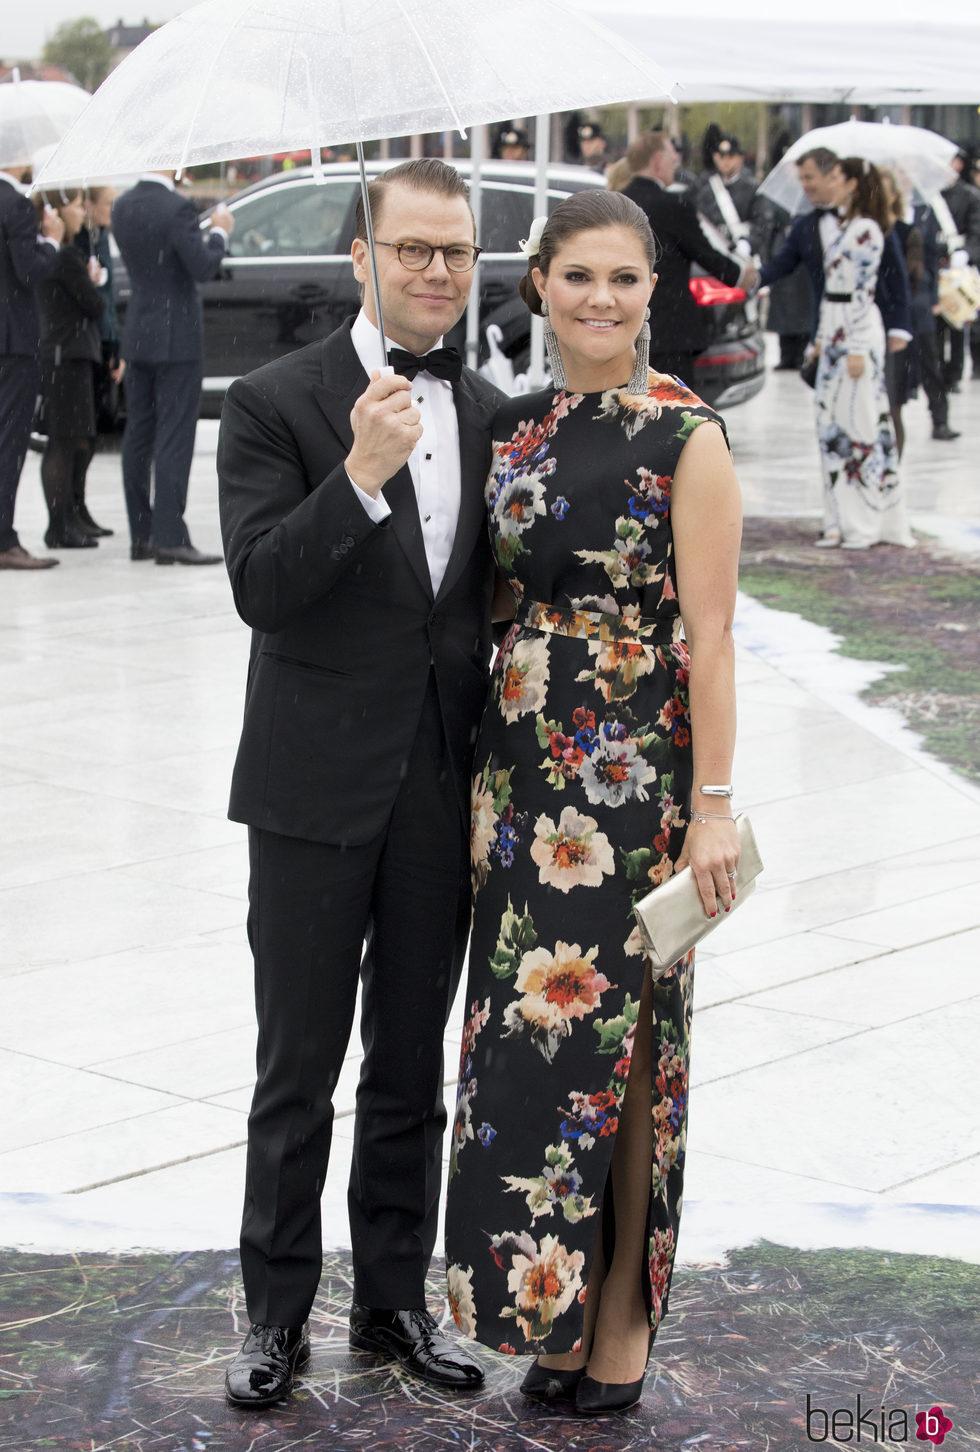 Victoria y Daniel de Suecia en la cena en honor a los Reyes de Noruega por su 80 cumpleaños